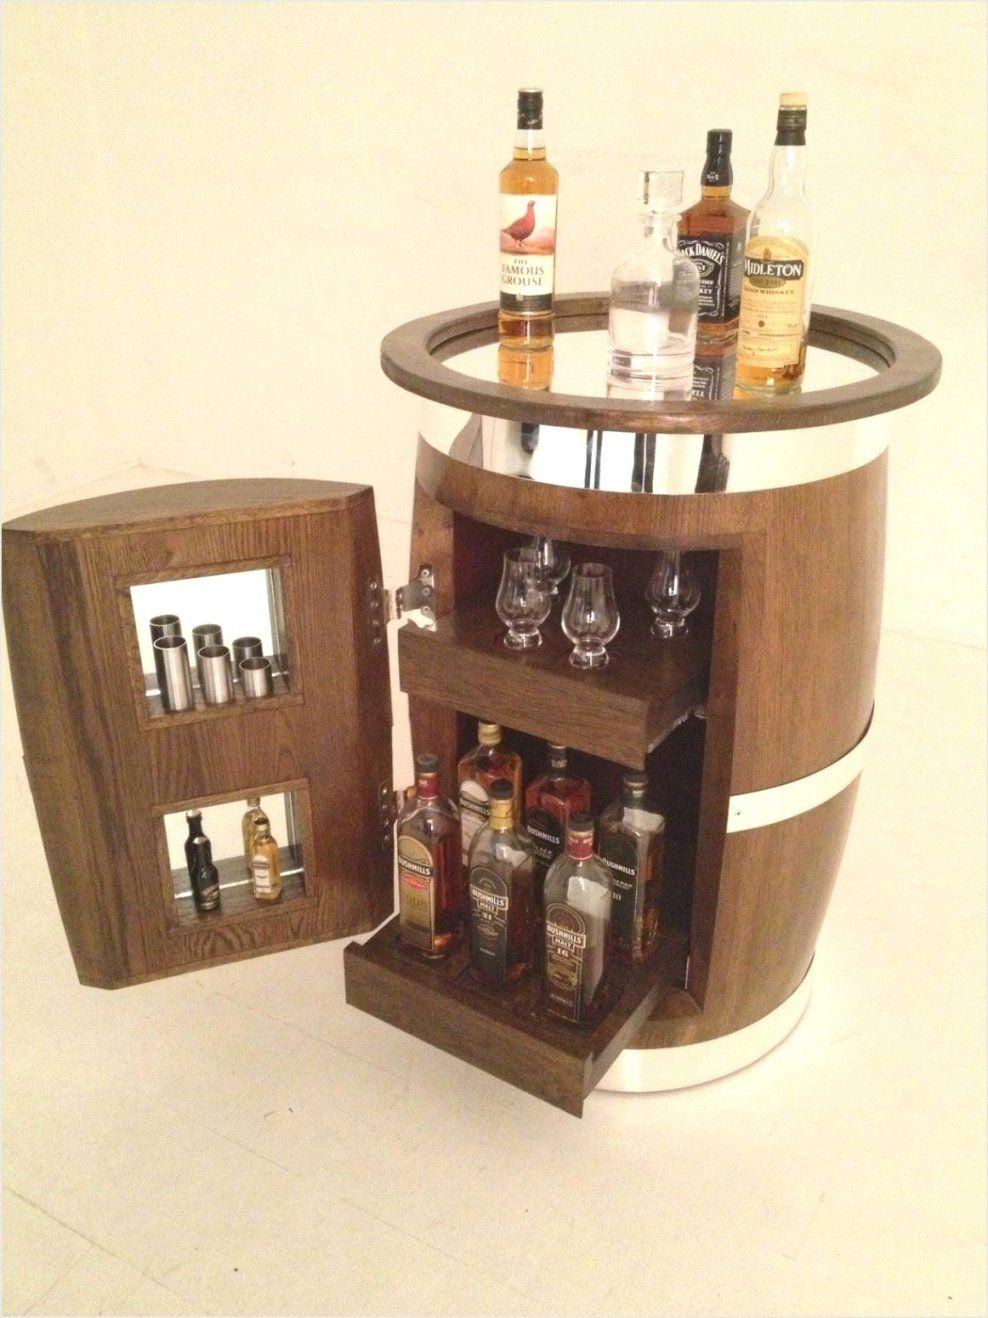 Genial Fein Schrank Bar Fotos Die Kinderzimmer Design Ideen Pecko von Weinfass Bar Selber Bauen Bild